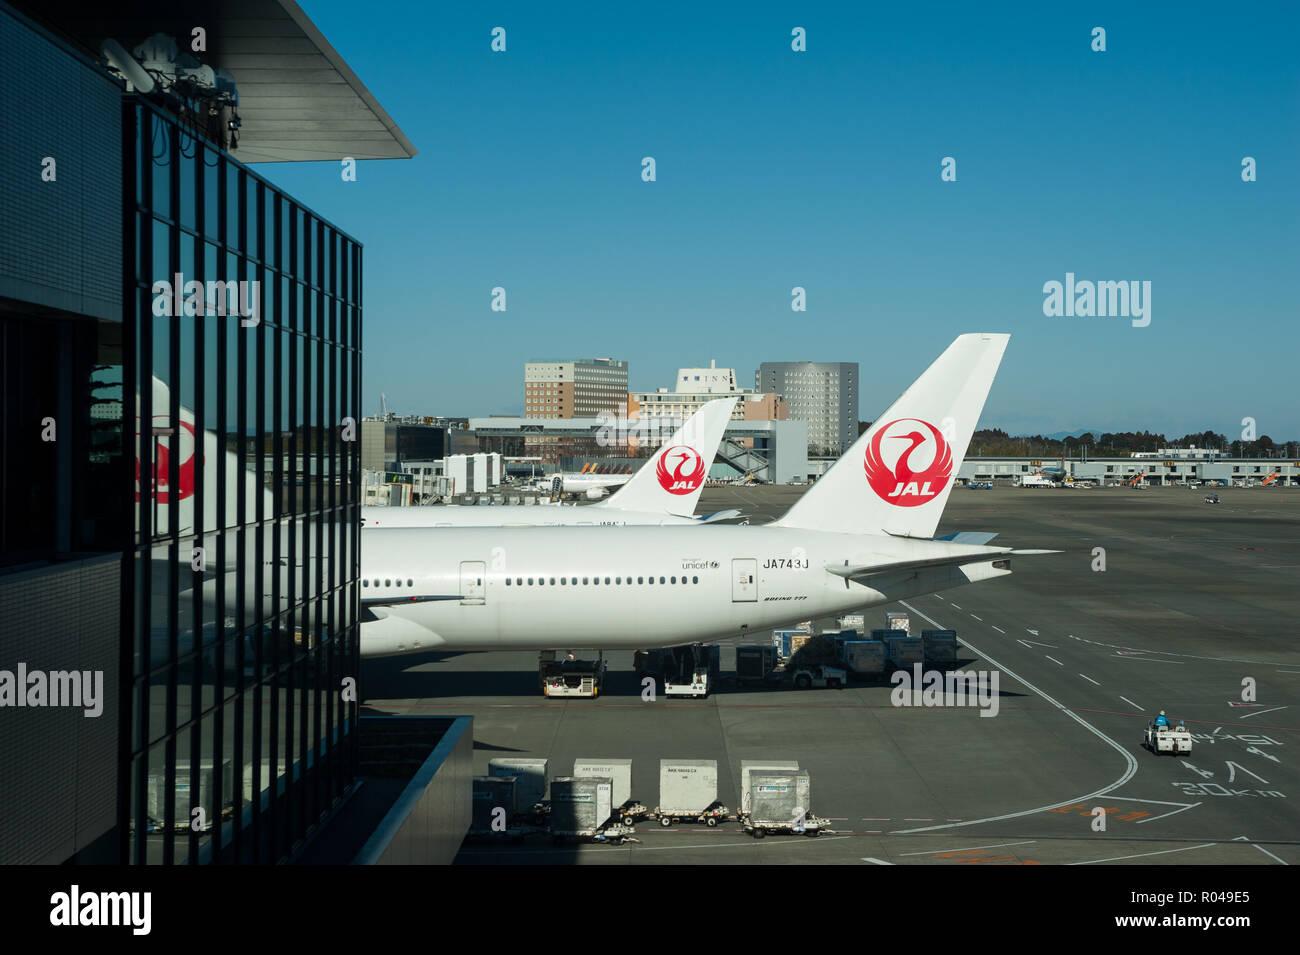 Tokyo, Japan, Japan Airlines passenger aircraft at Narita Airport - Stock Image